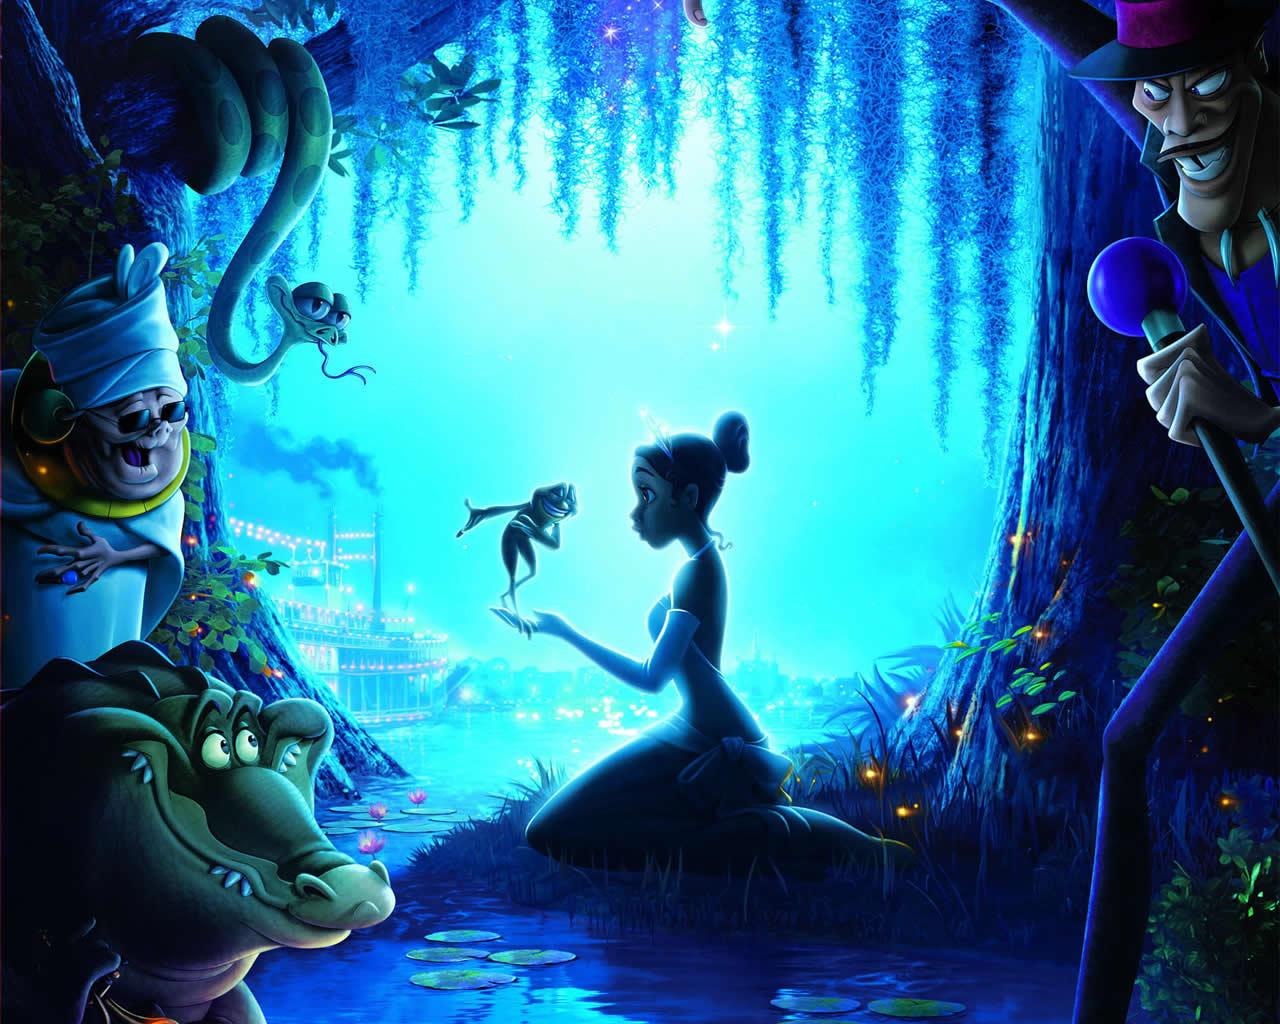 50 Princess And The Frog Wallpaper On Wallpapersafari